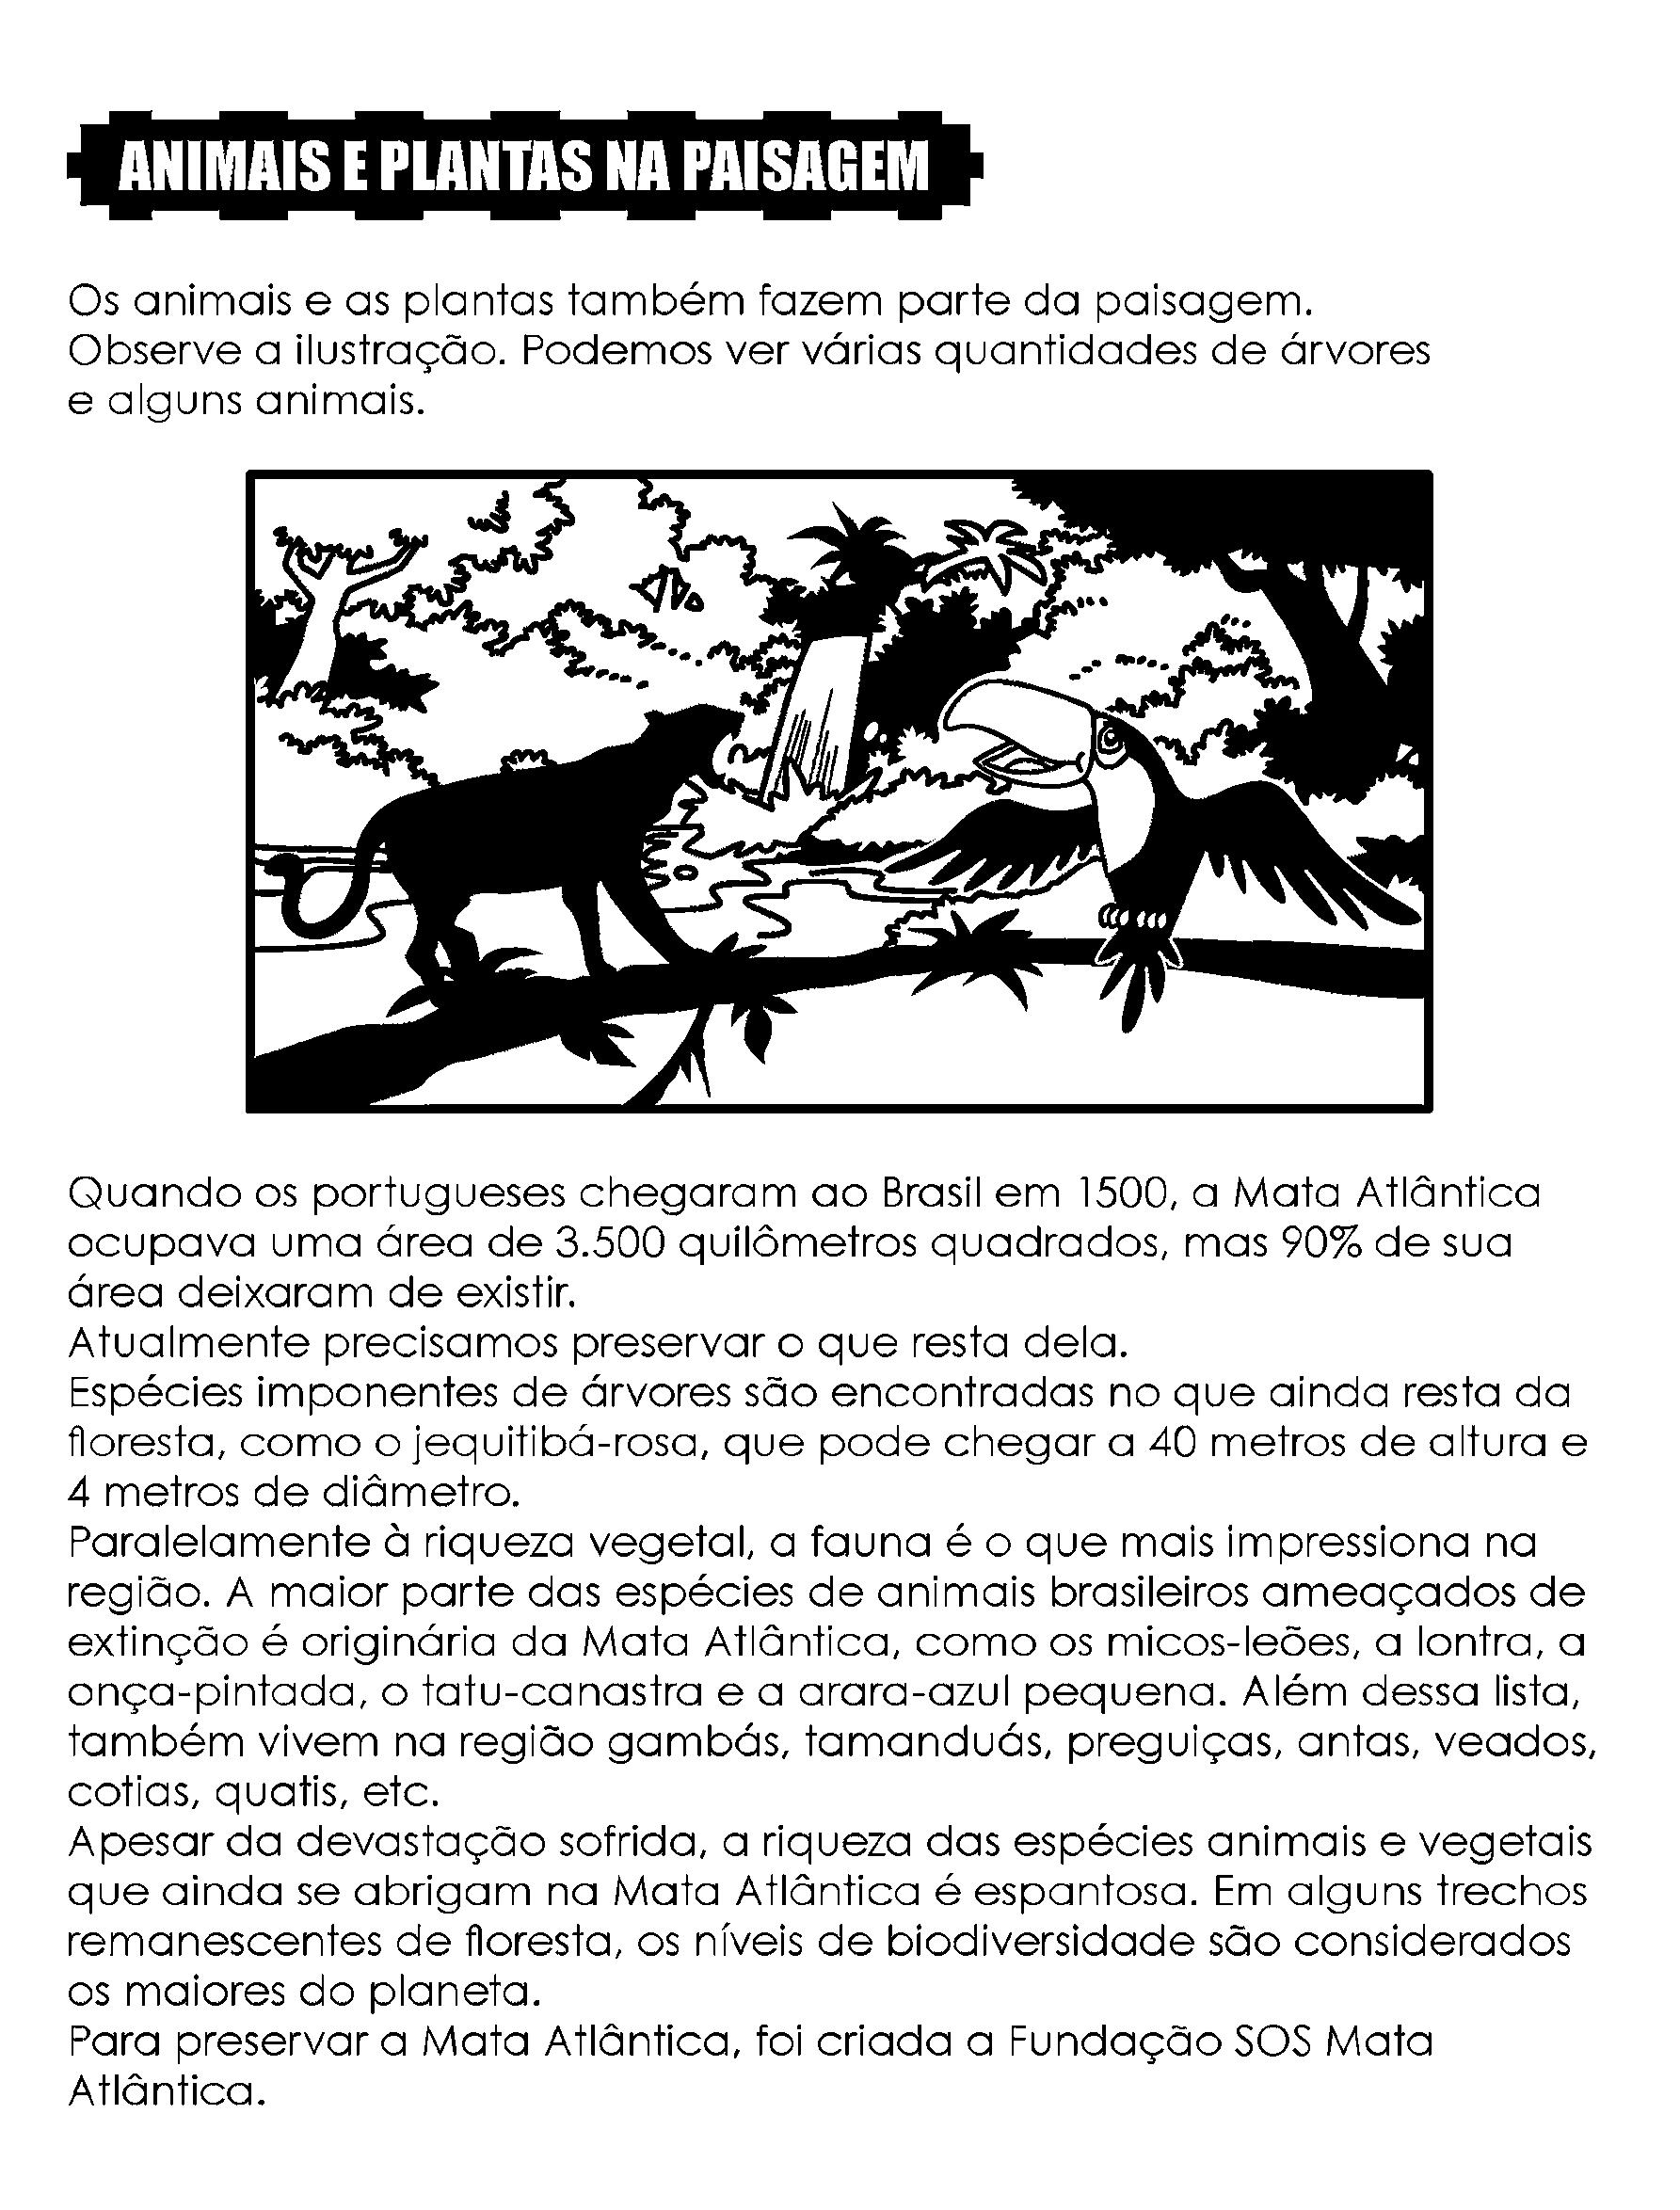 Texto Animais e Plantas na Paisagem